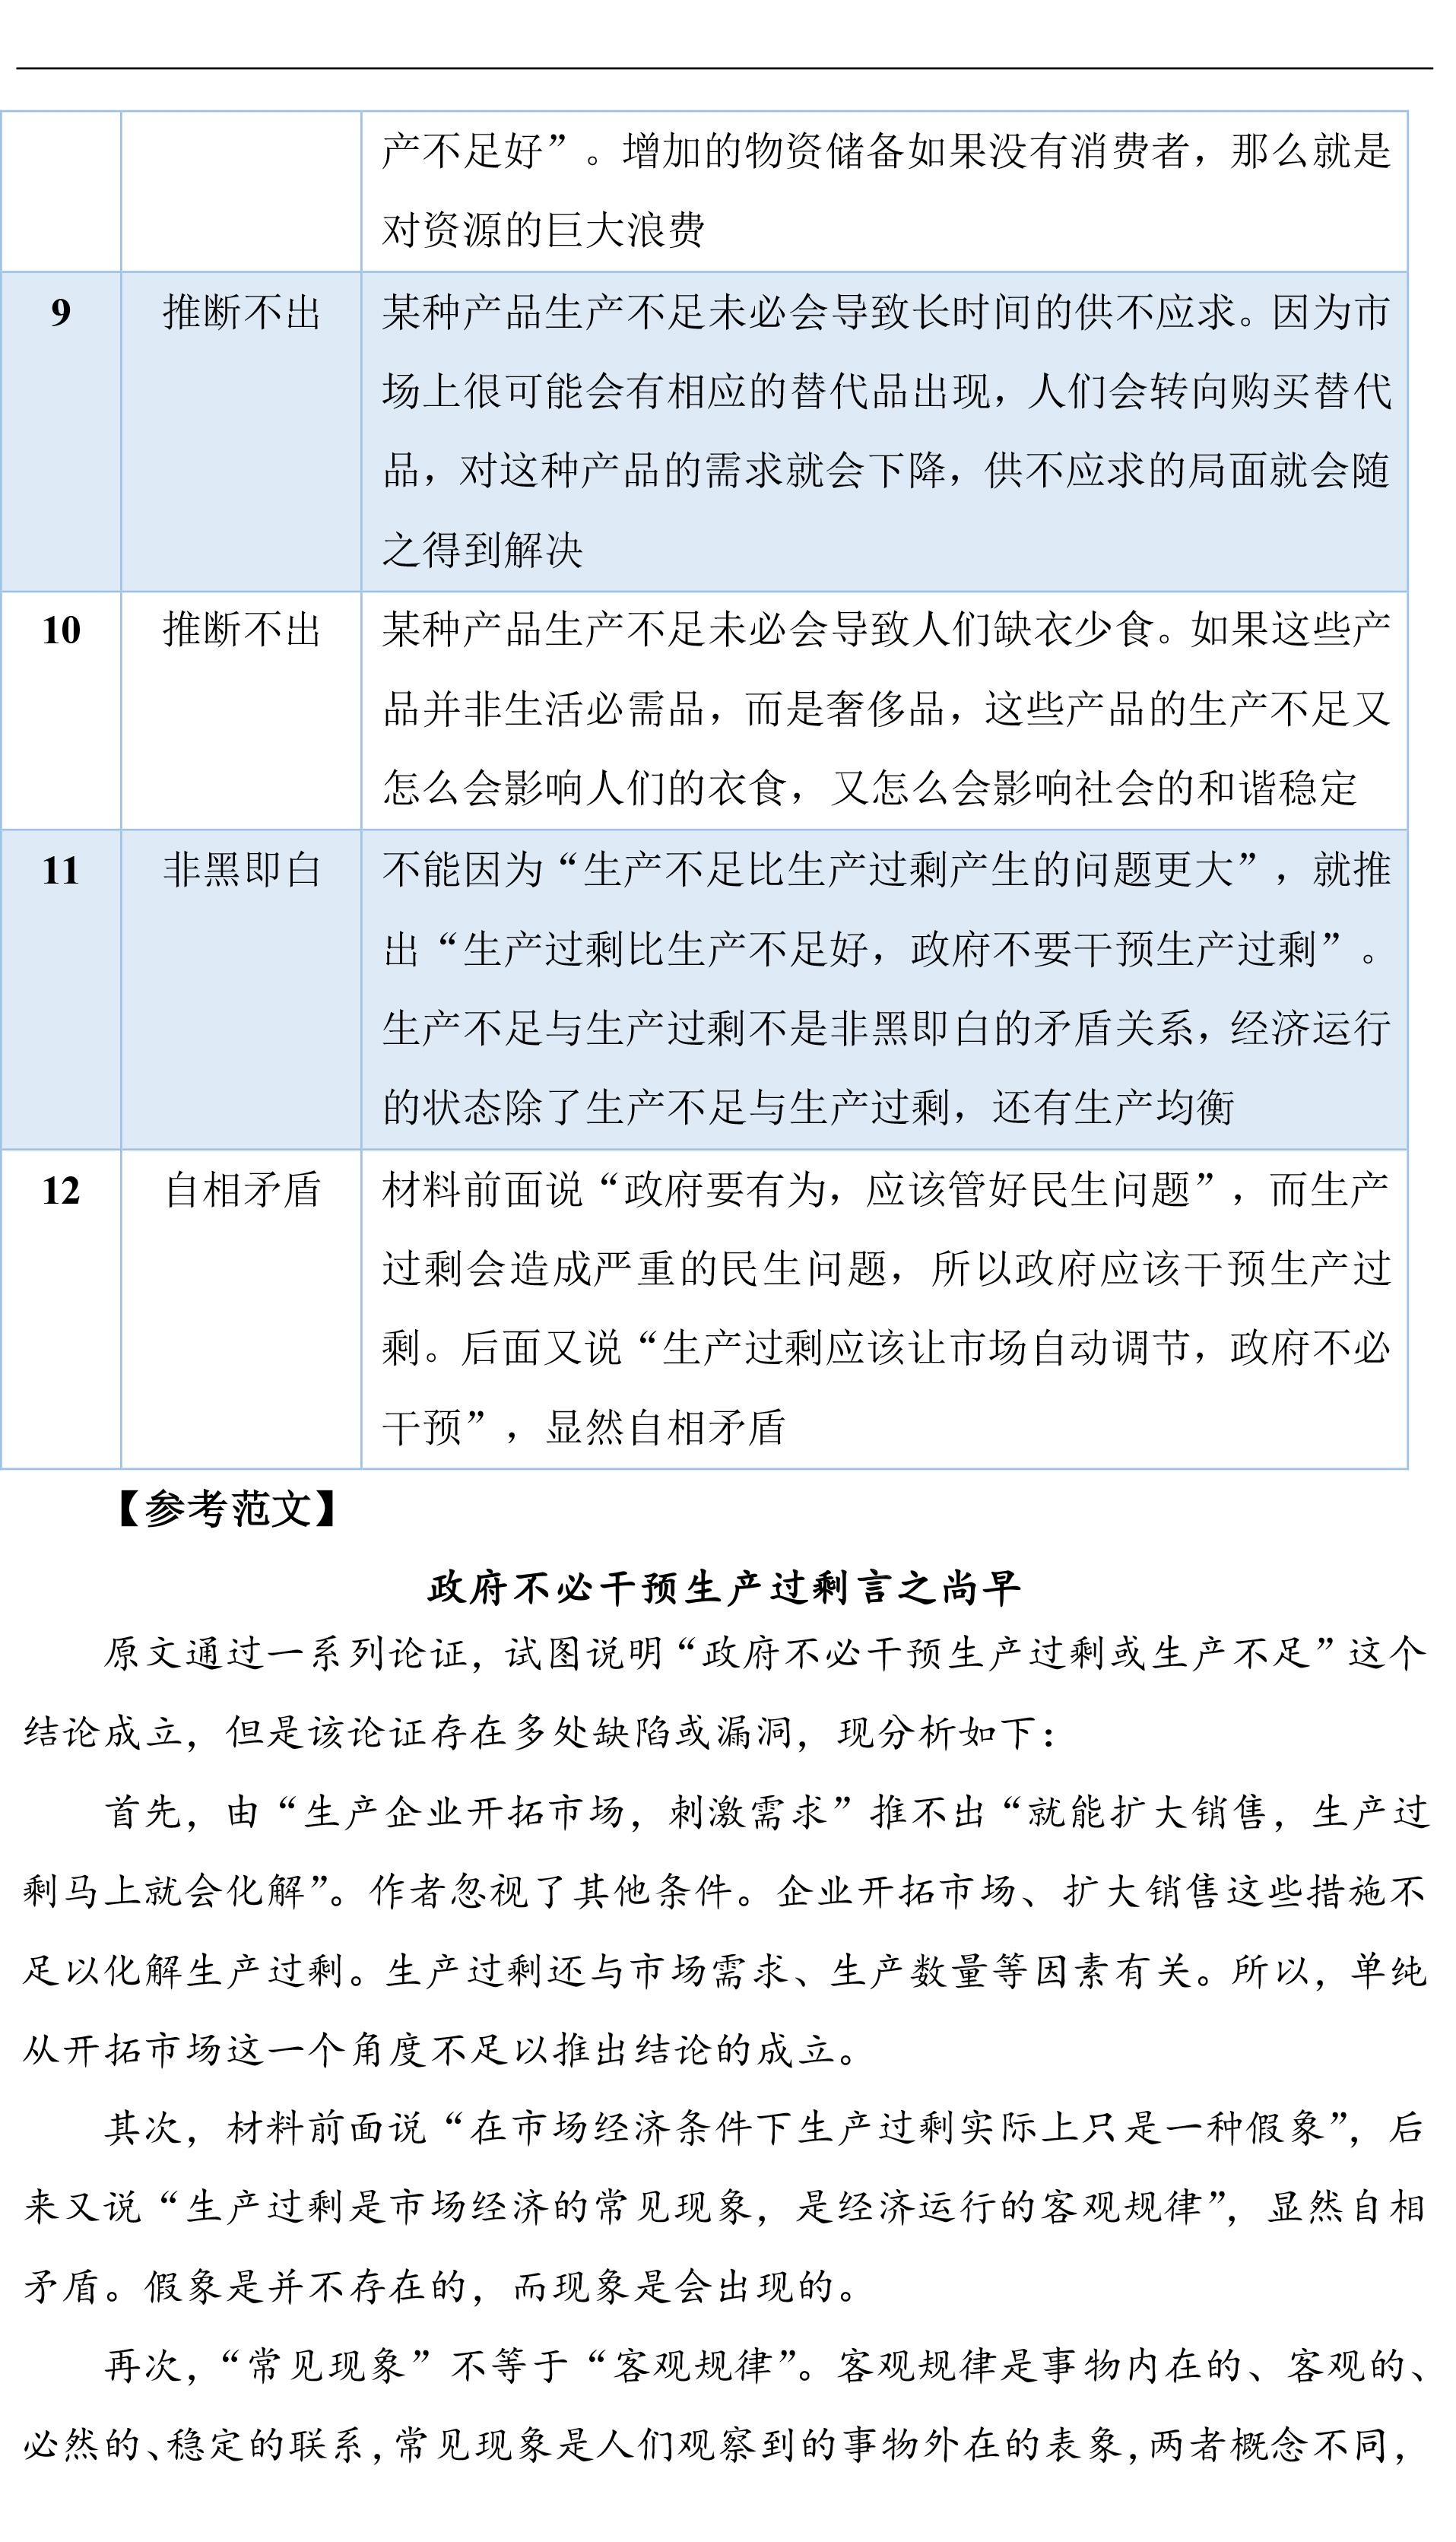 真题试卷集-综合-2014~2018-解析-35.jpg